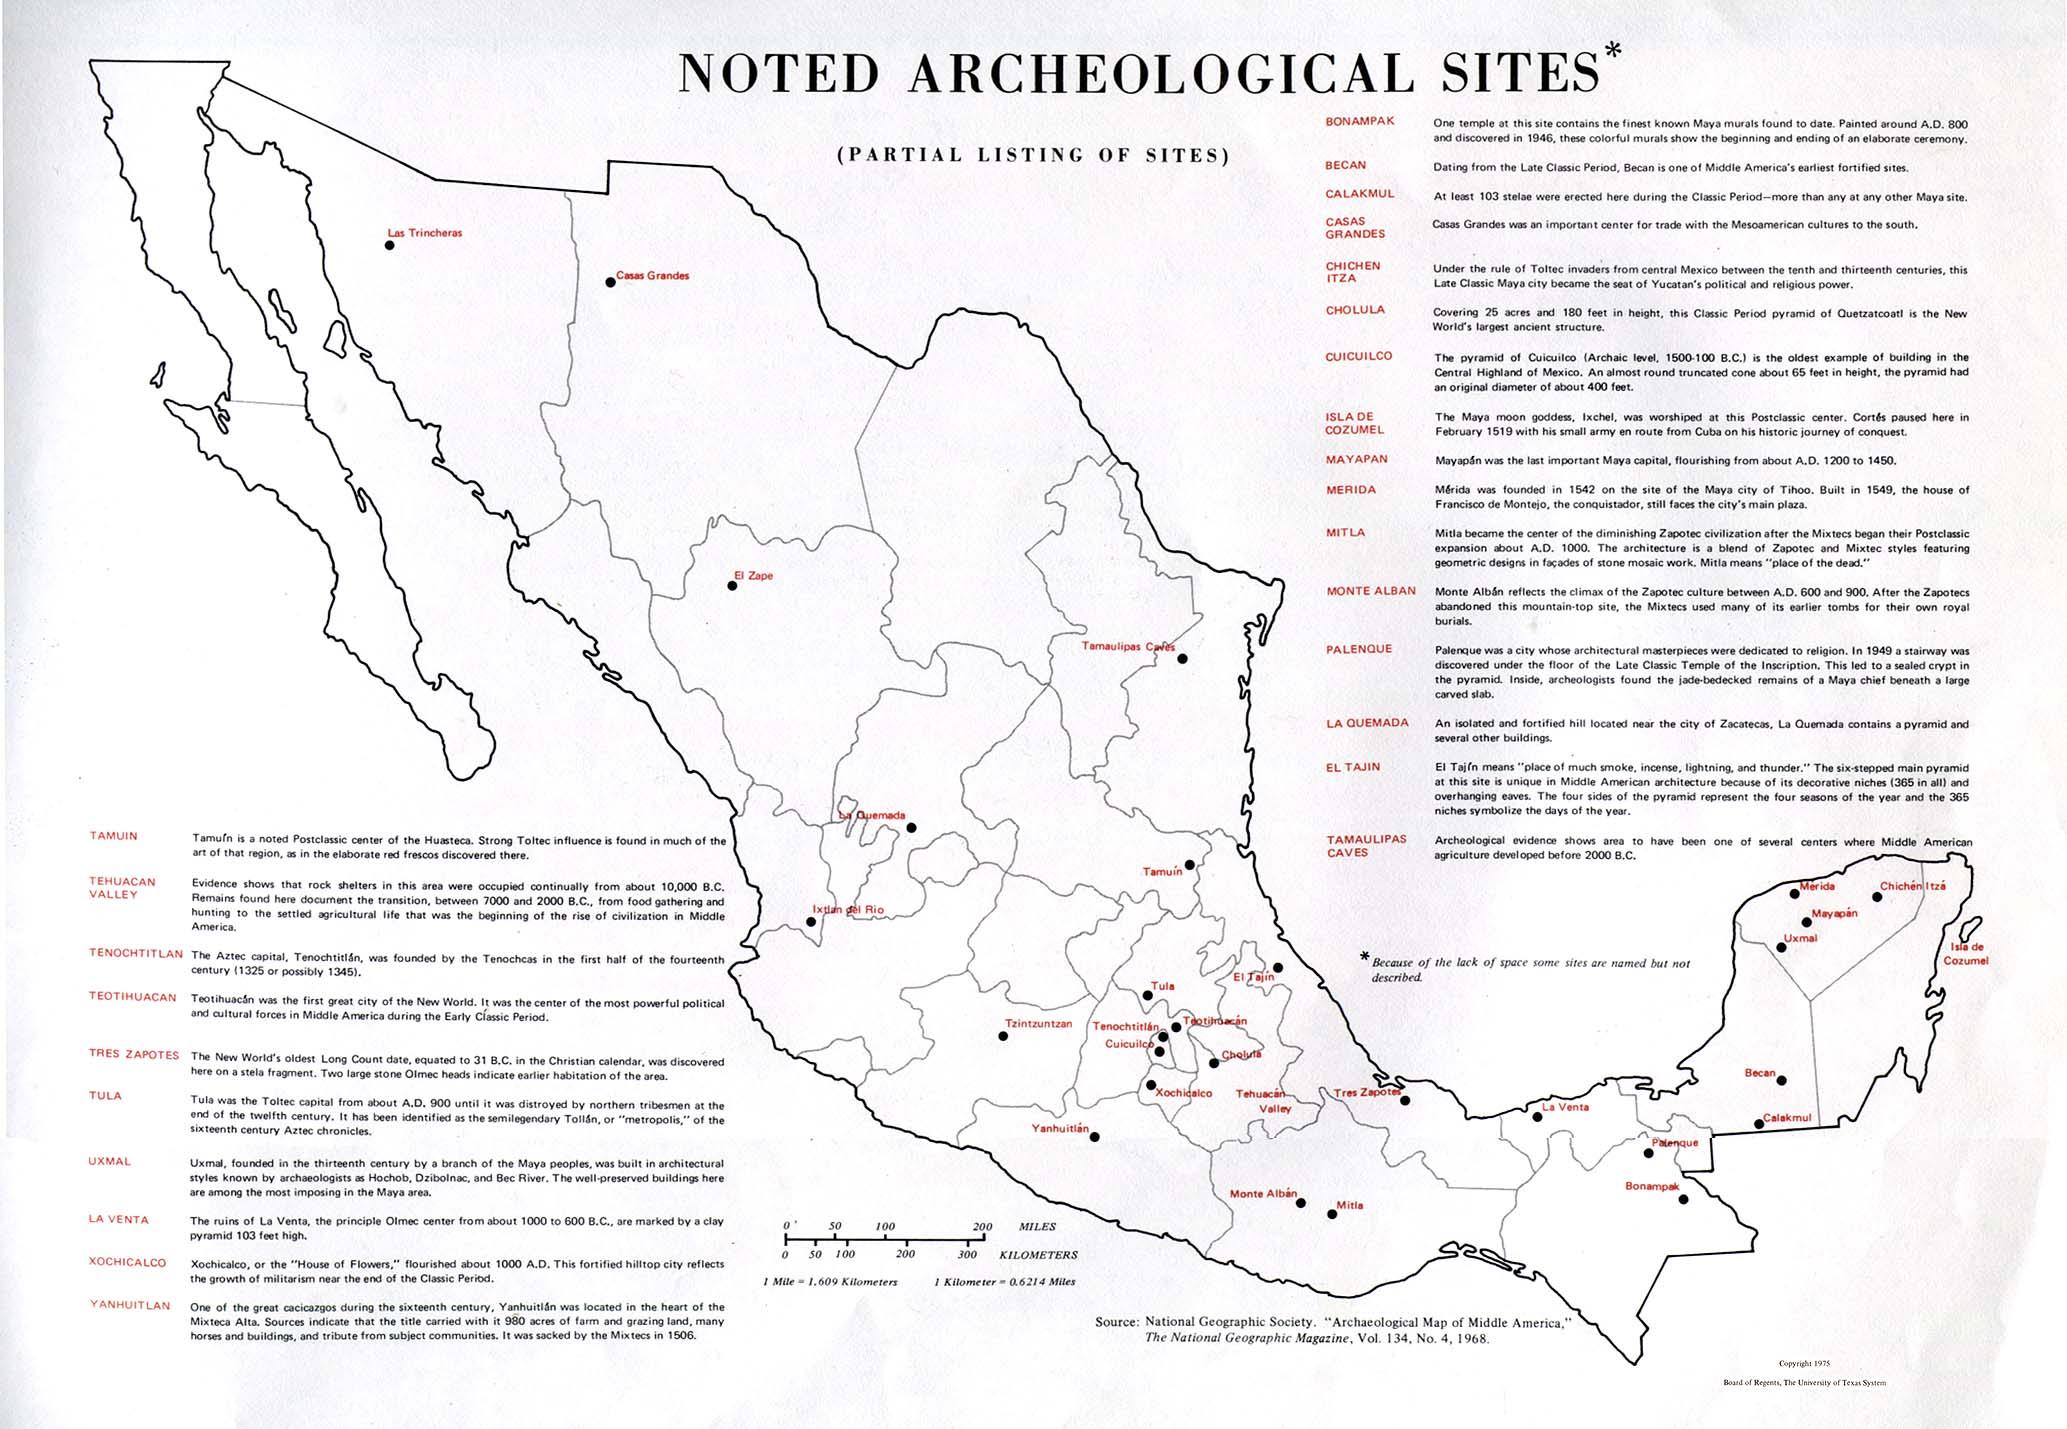 Mapa de los Sitios Arqueológicos Relevantes, México